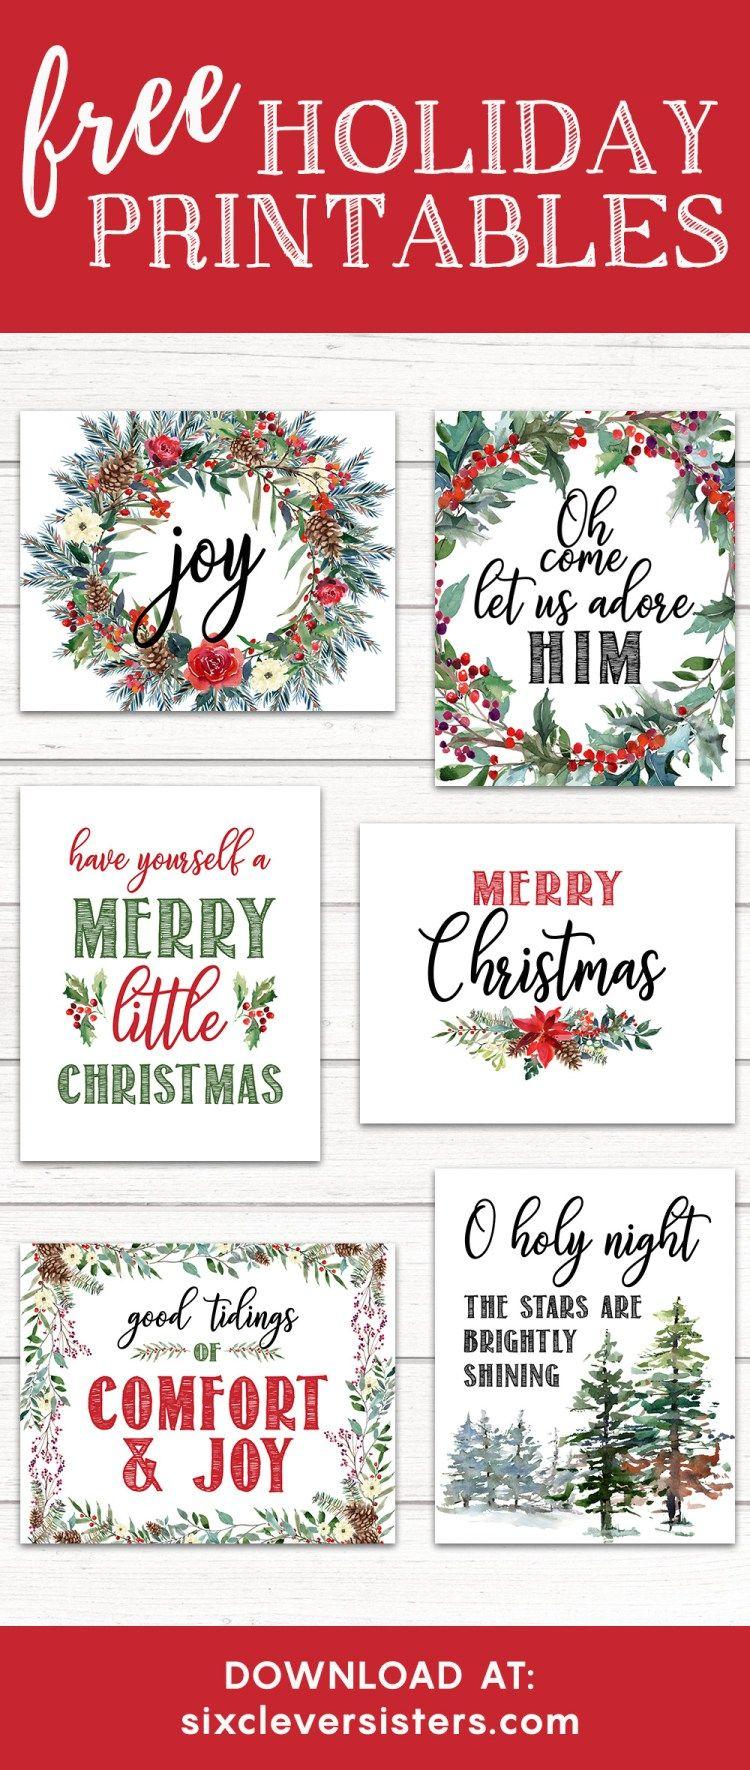 Free Christmas Printables Buffalo Plaid Check | Merry christmas banner, Christmas banners, Free ...